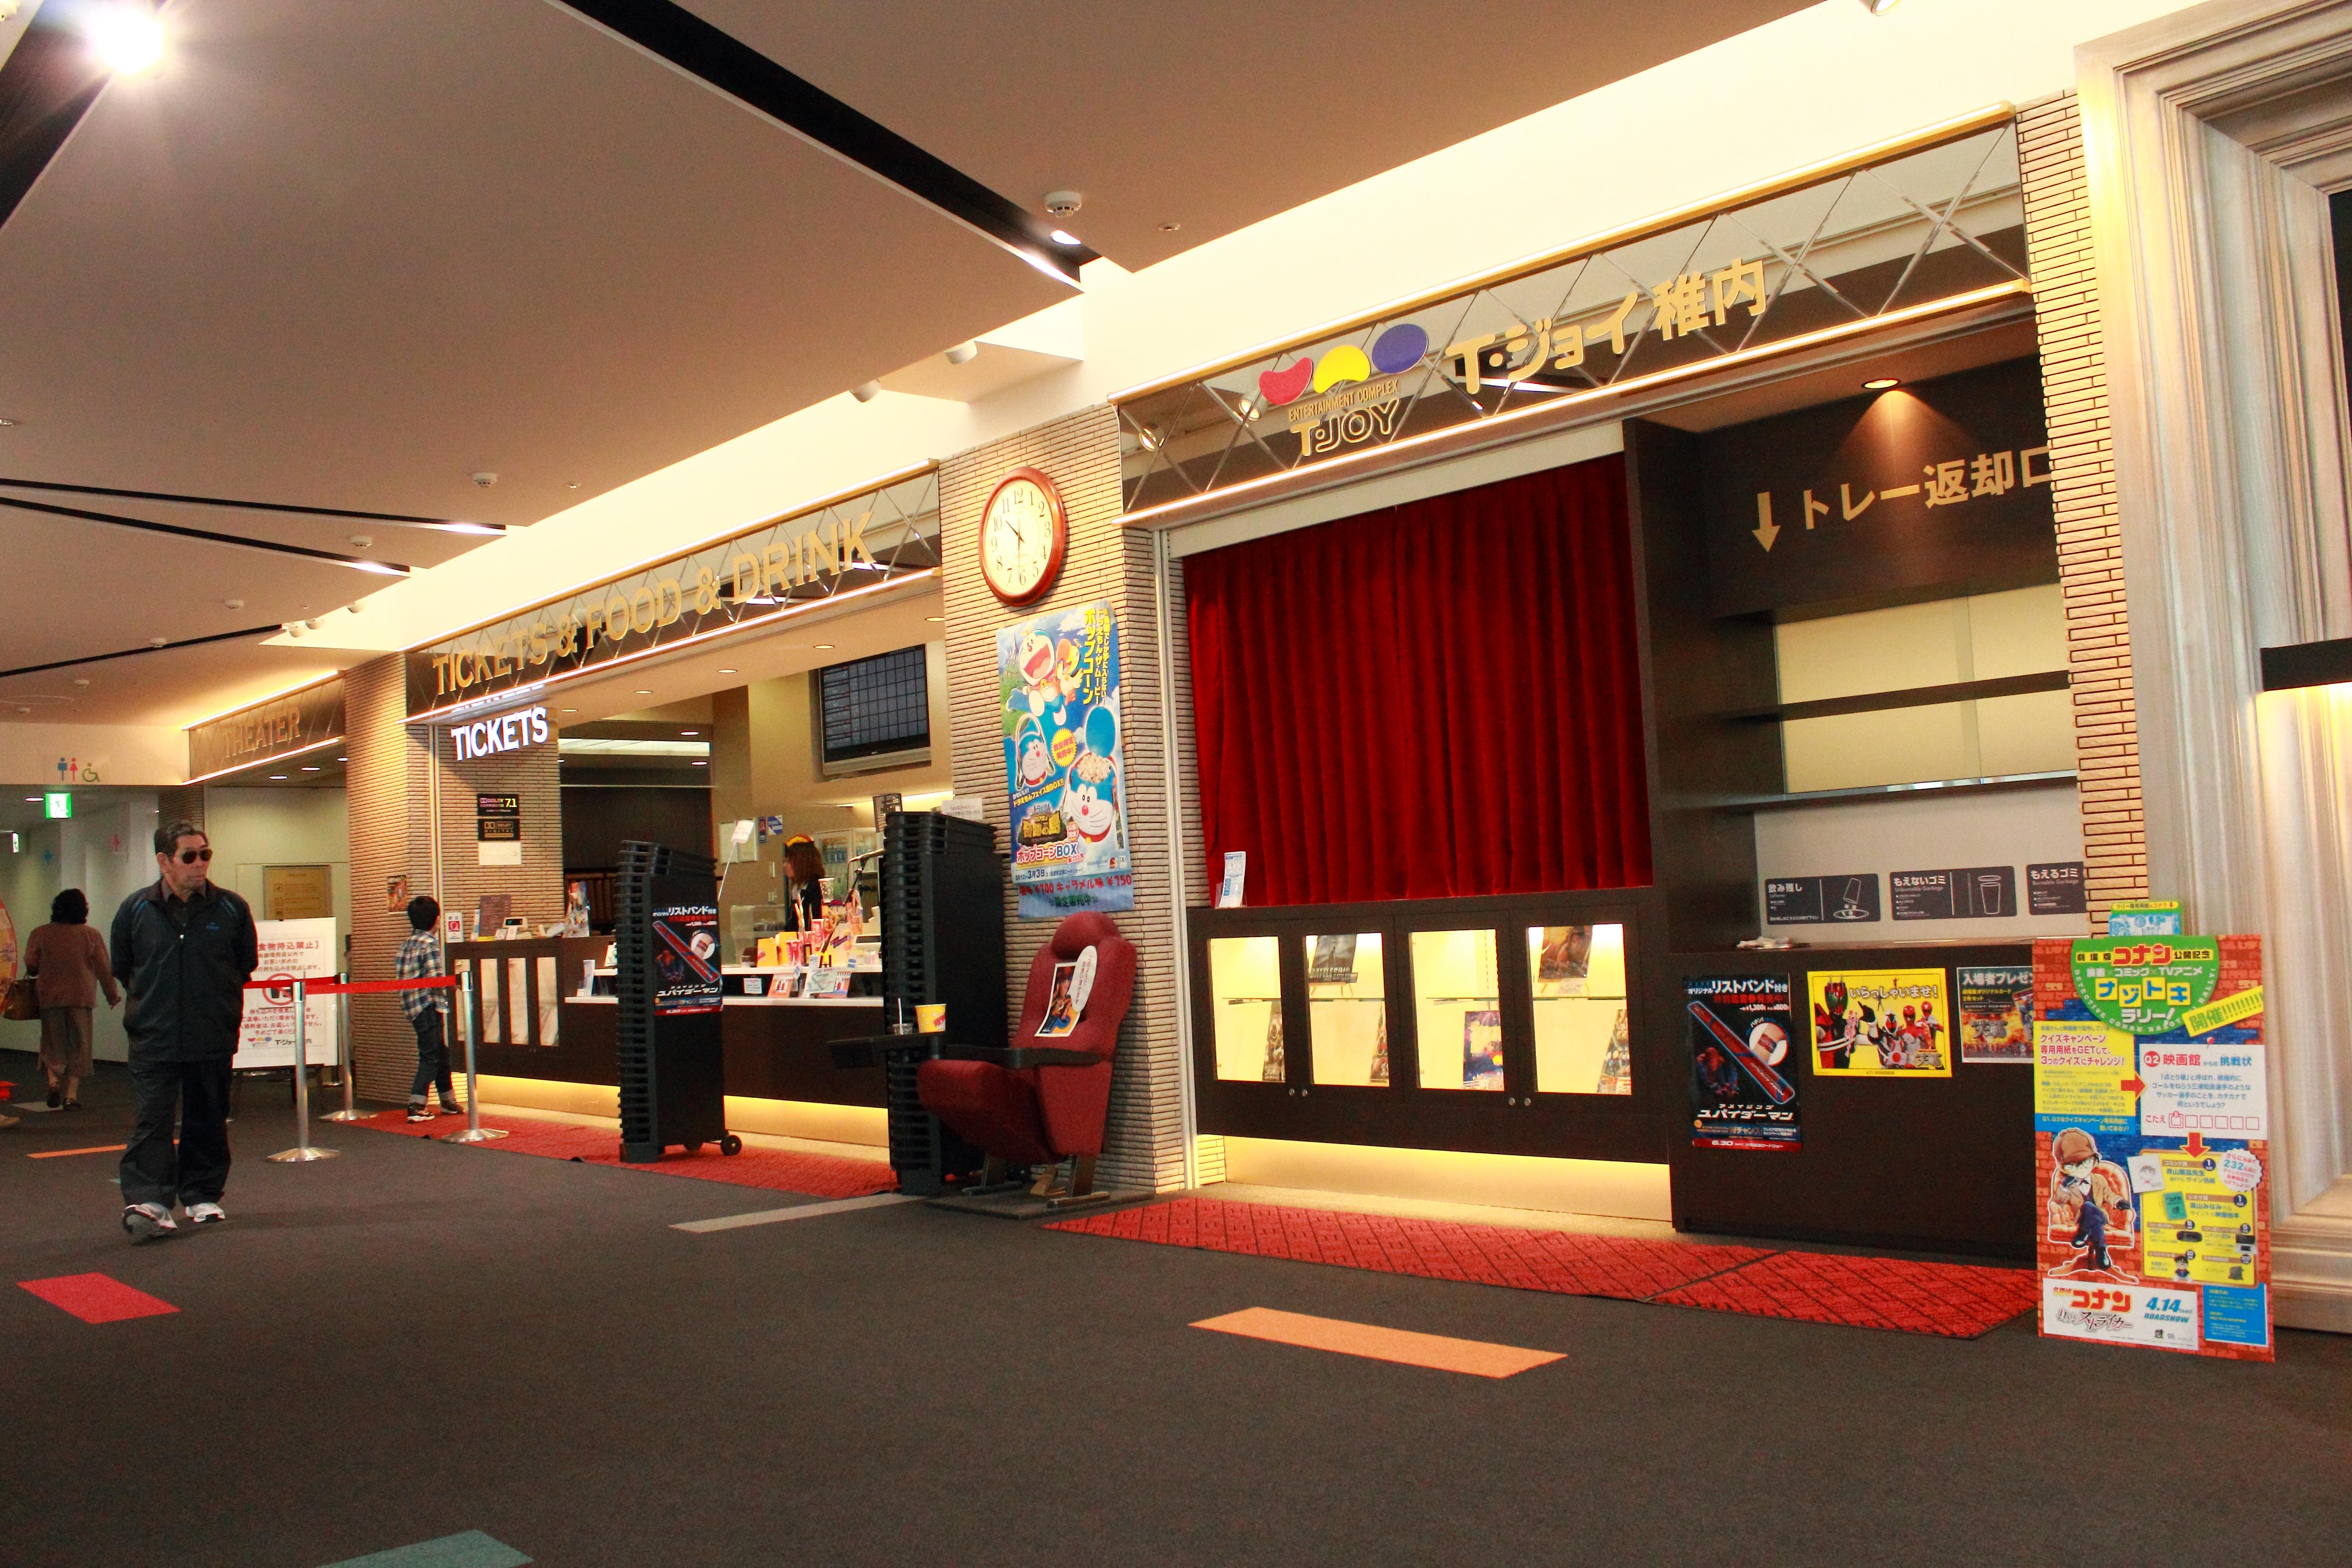 稚内駅ビル「キタカラ」グランドオープン! 市民の憩いの場に